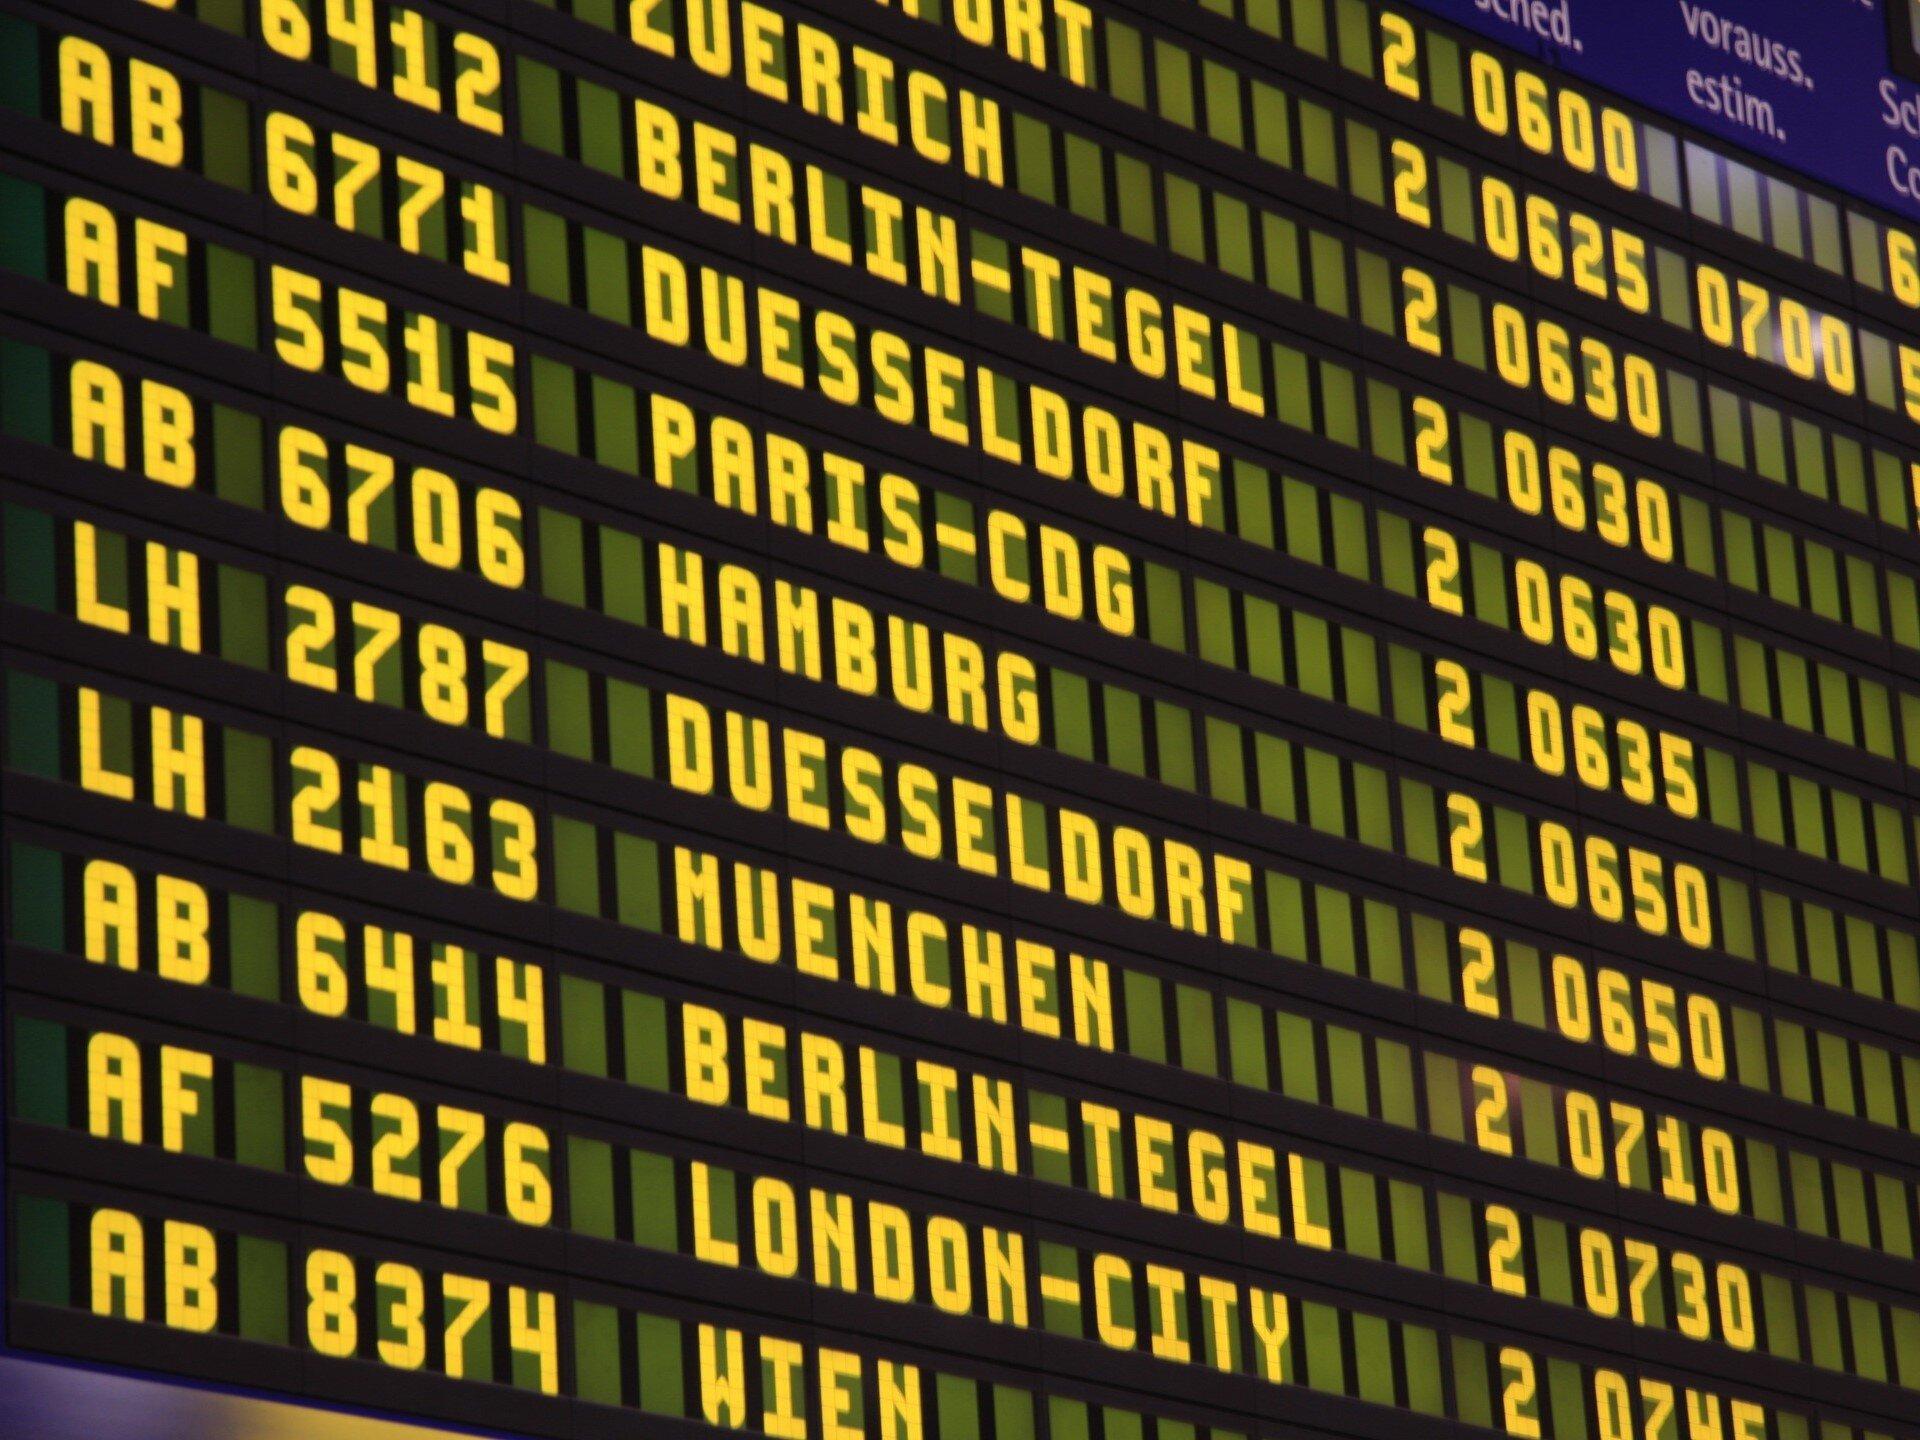 Le planning des publication joue comme un tableau des arrivées à l'aéroport